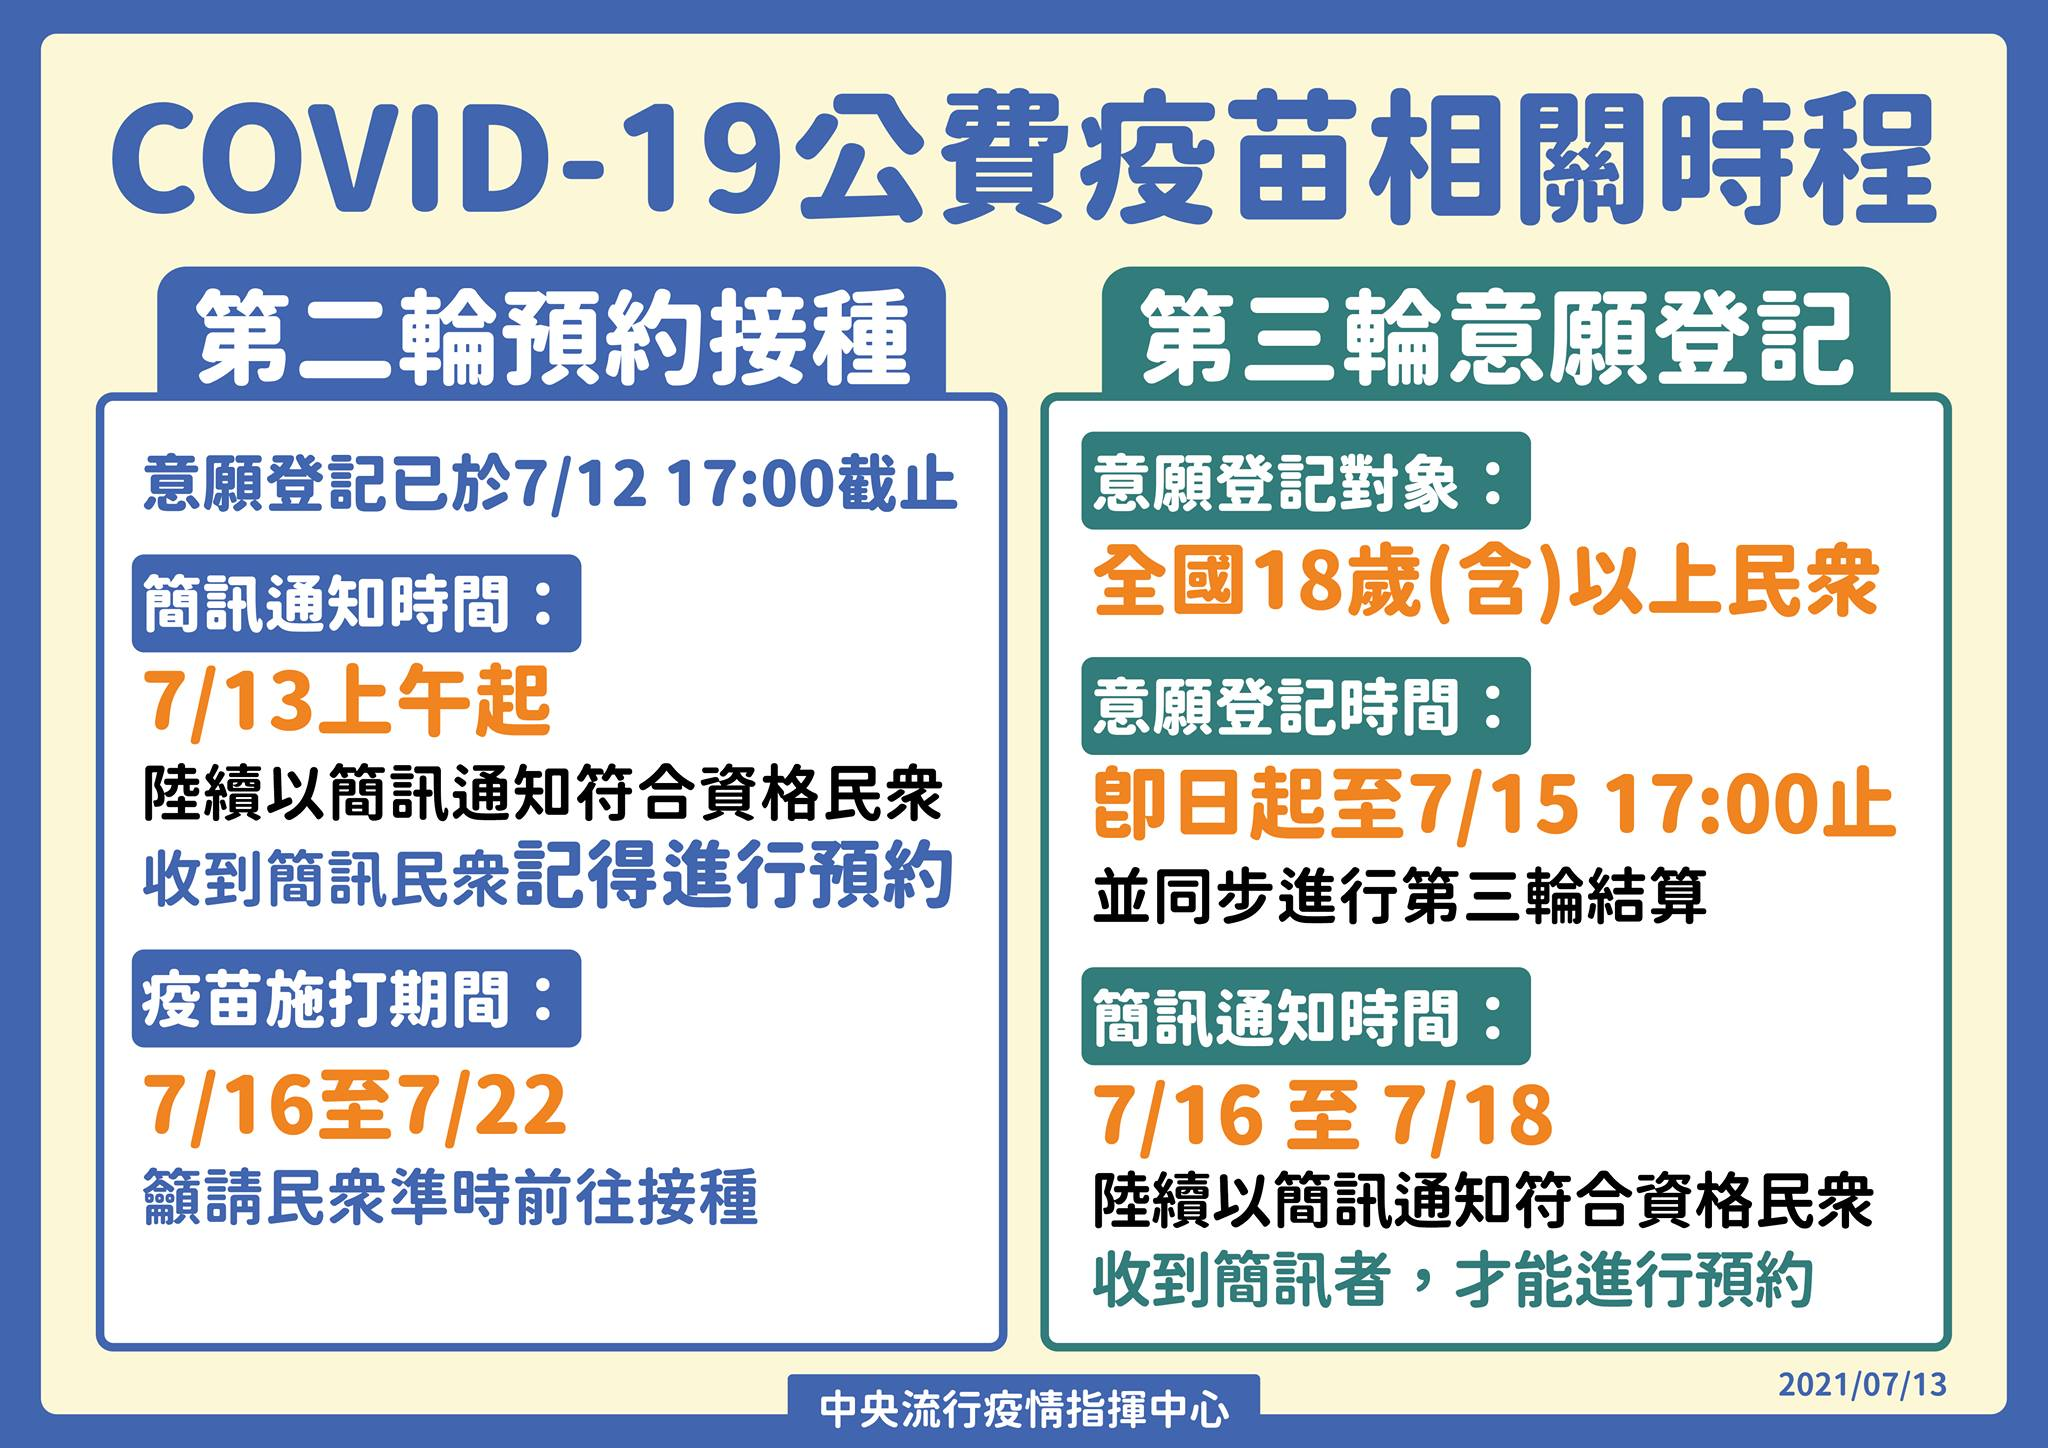 COVID-19公費疫苗預約平臺 即日起開放18歲(含)以上民眾進行第三輪意願登記